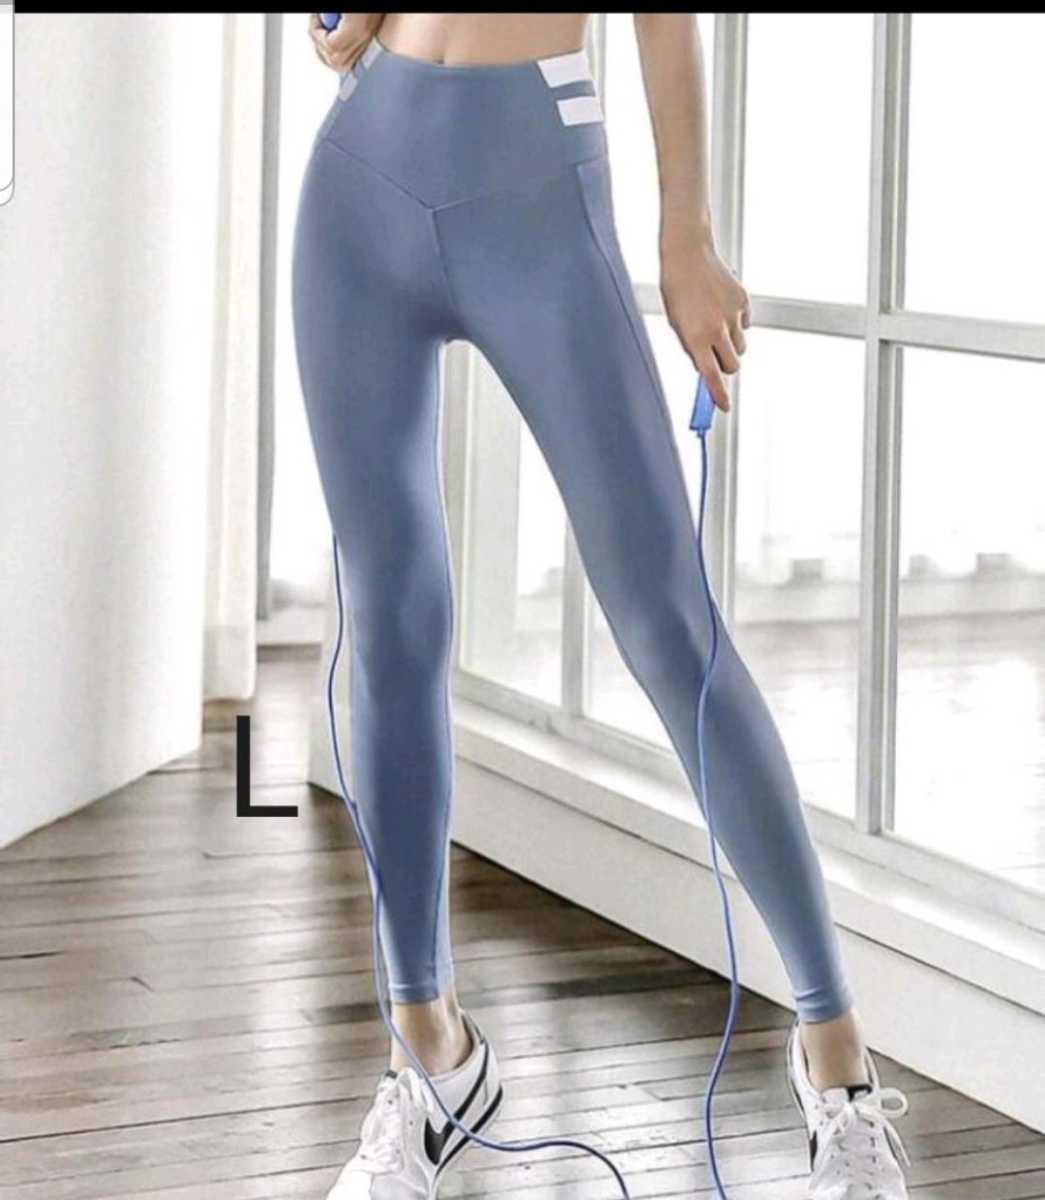 サイズL ヨガ ウェア  レギンス フィットネスパンツ ジョギング ランニングパンツyg699